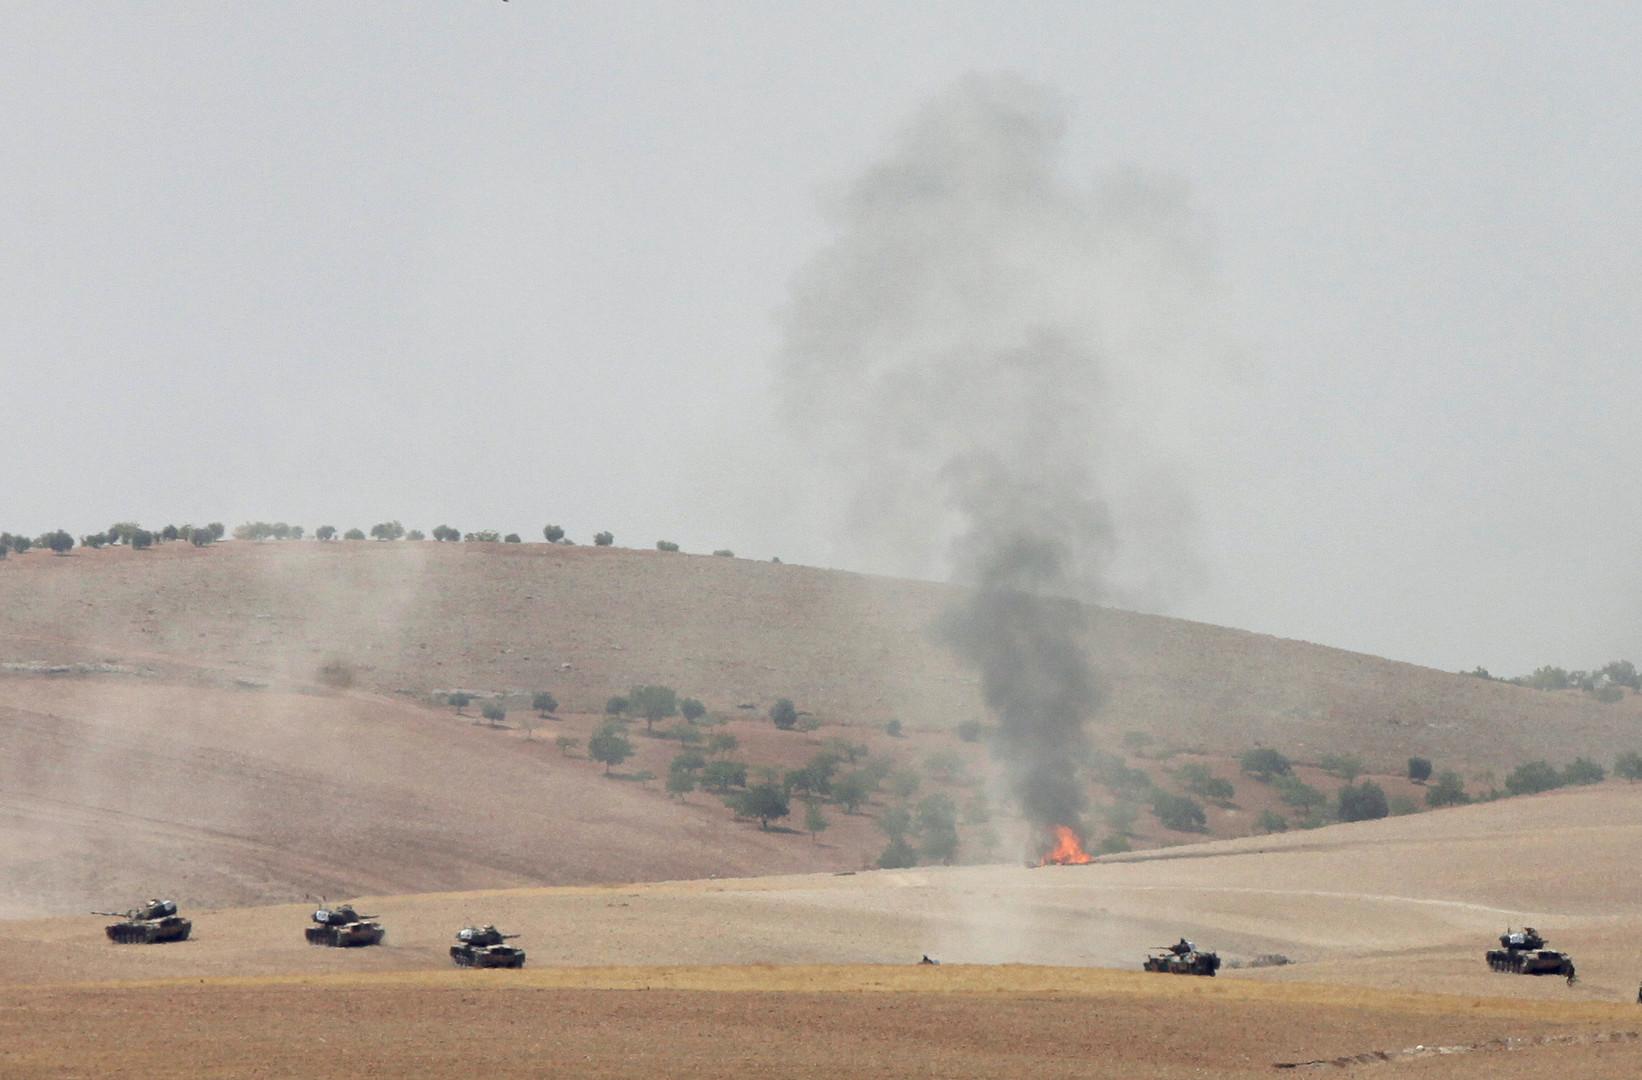 Турецкие танки пересекли границу с Сирией и начали контртеррористическую операцию против группировки «Исламское государство» в городе Джараблус. Фотография из турецкого Каркамыша, расположенного близ сирийской границы